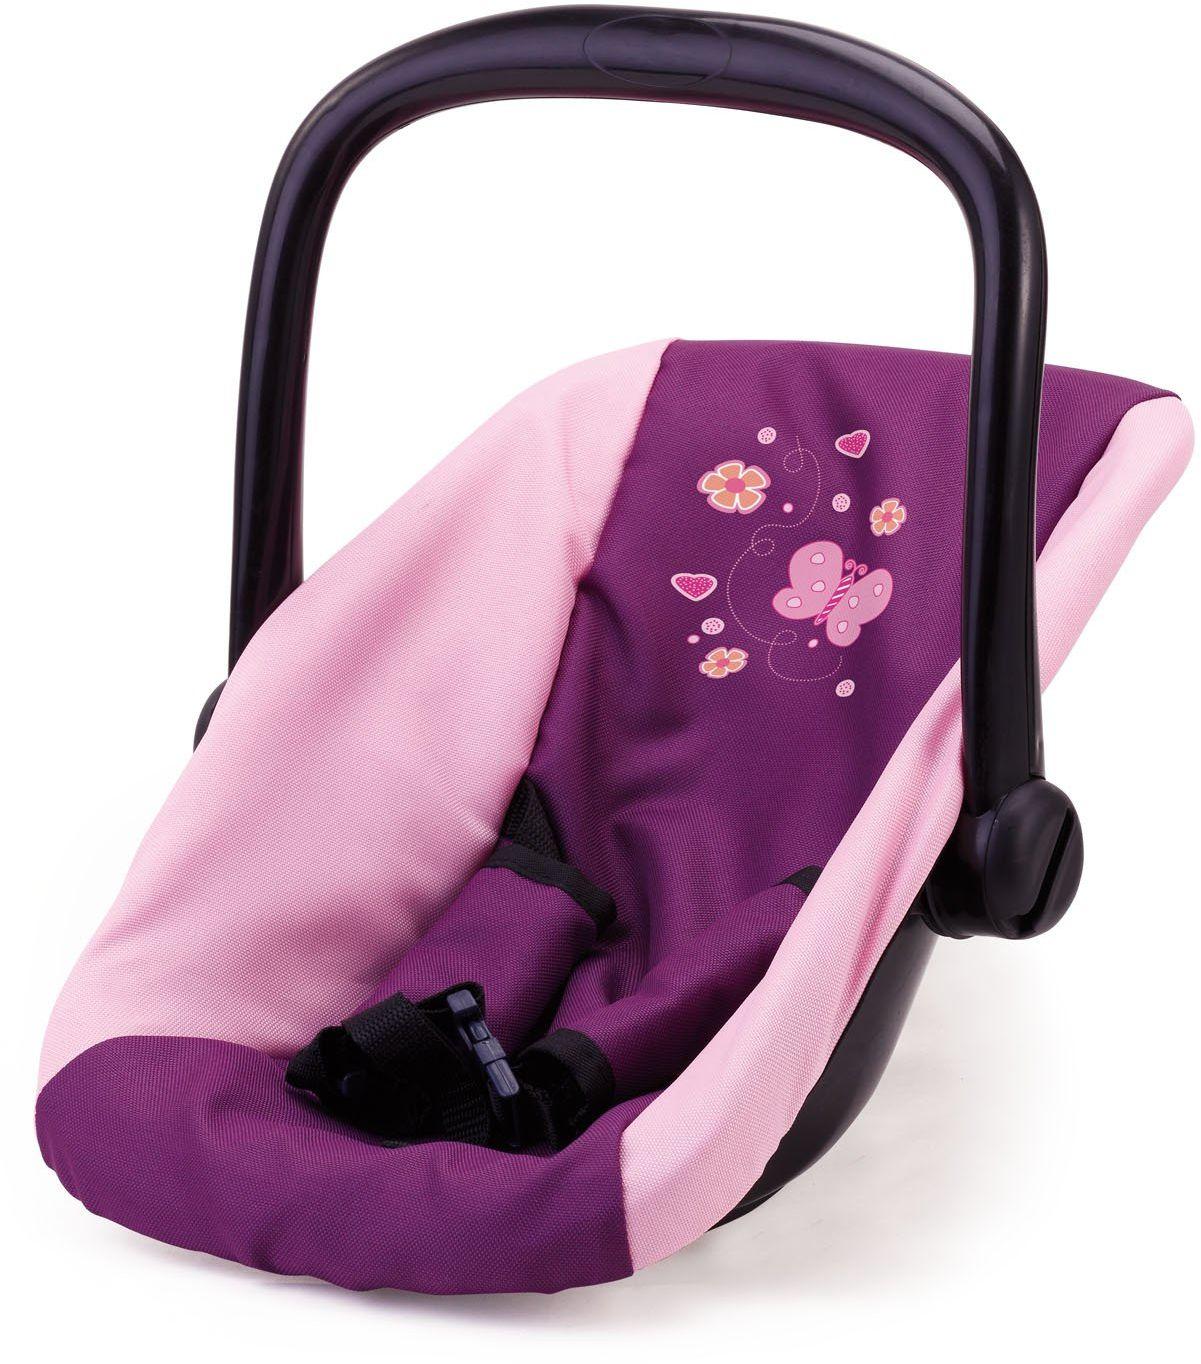 Bayer Design 67657AA fotelik samochodowy dla lalek, fioletowy/miękki różowy z motylem